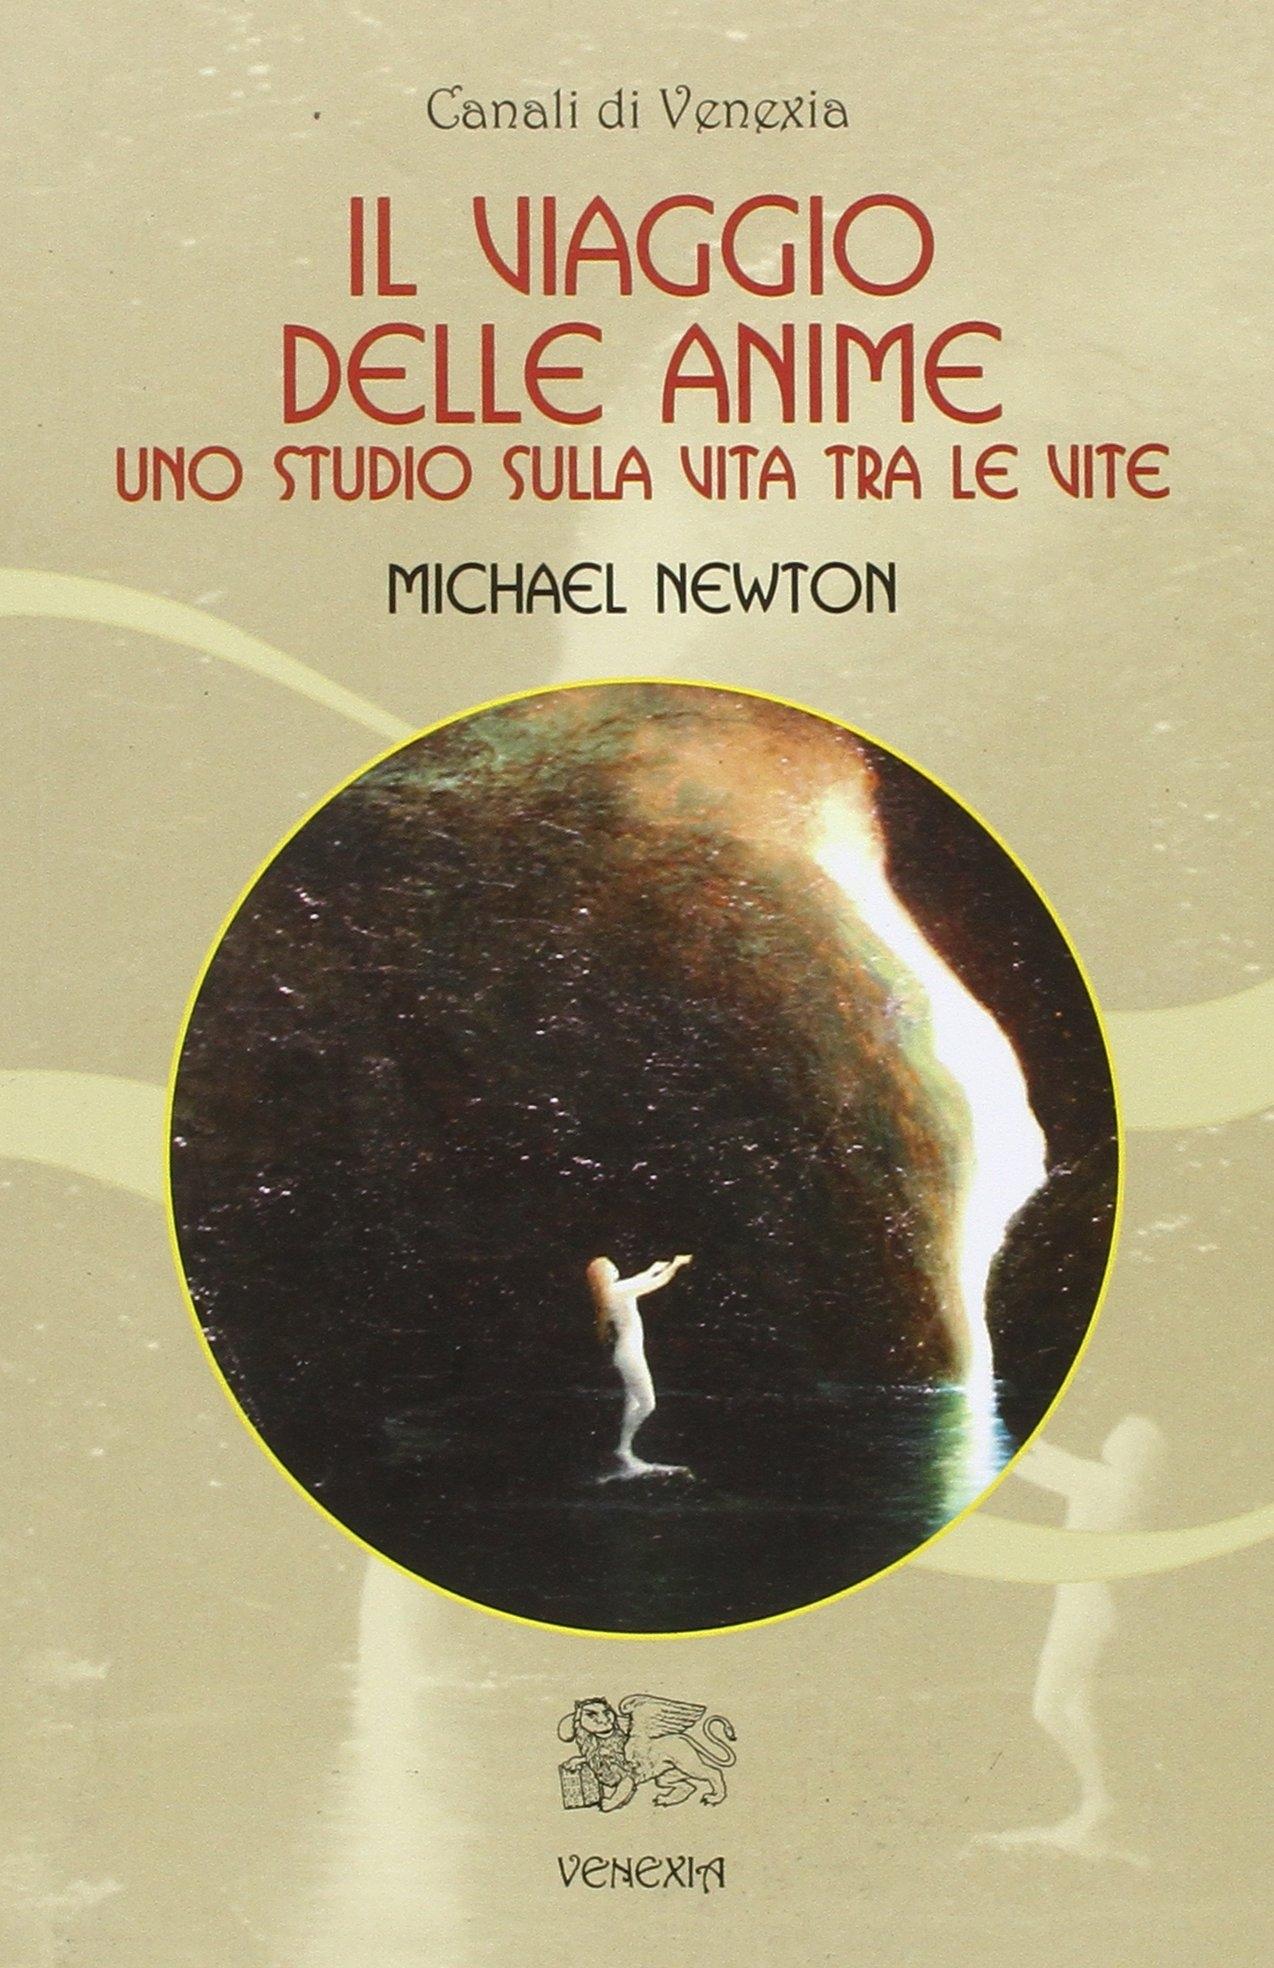 Il Viaggio delle Anime. Uno Studio sulla Vita tra le Vite.